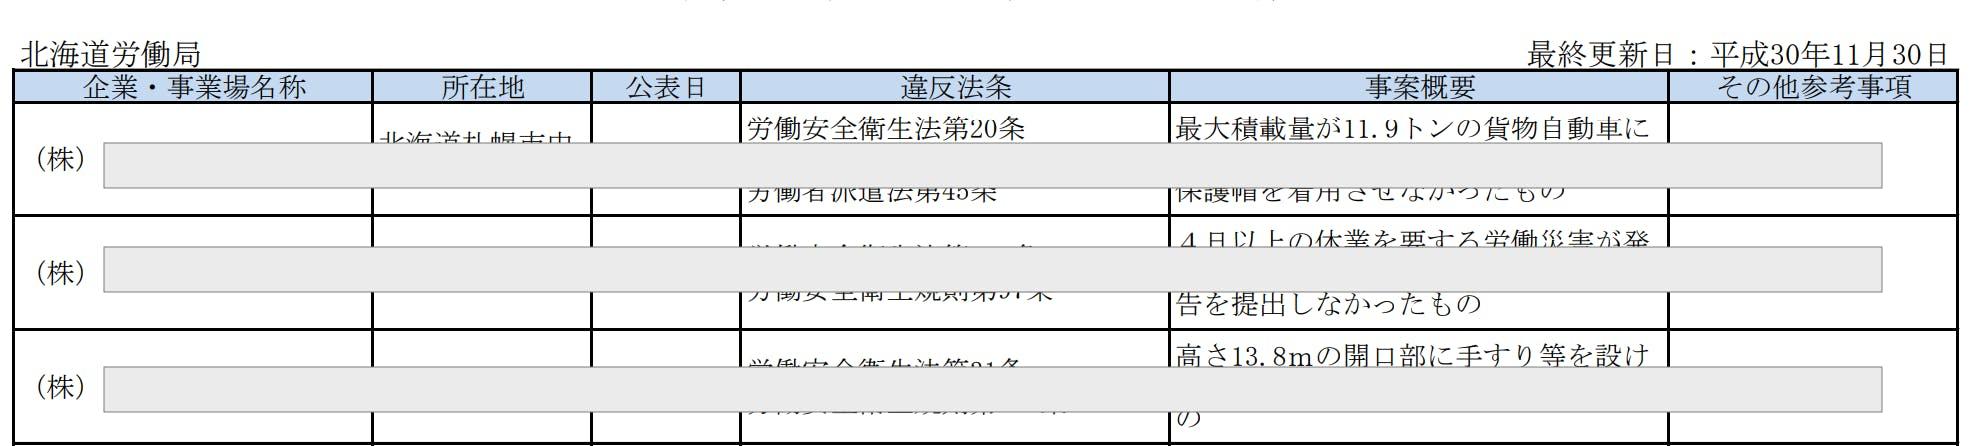 スクリーンショット 2019-01-14 3.12.03.png